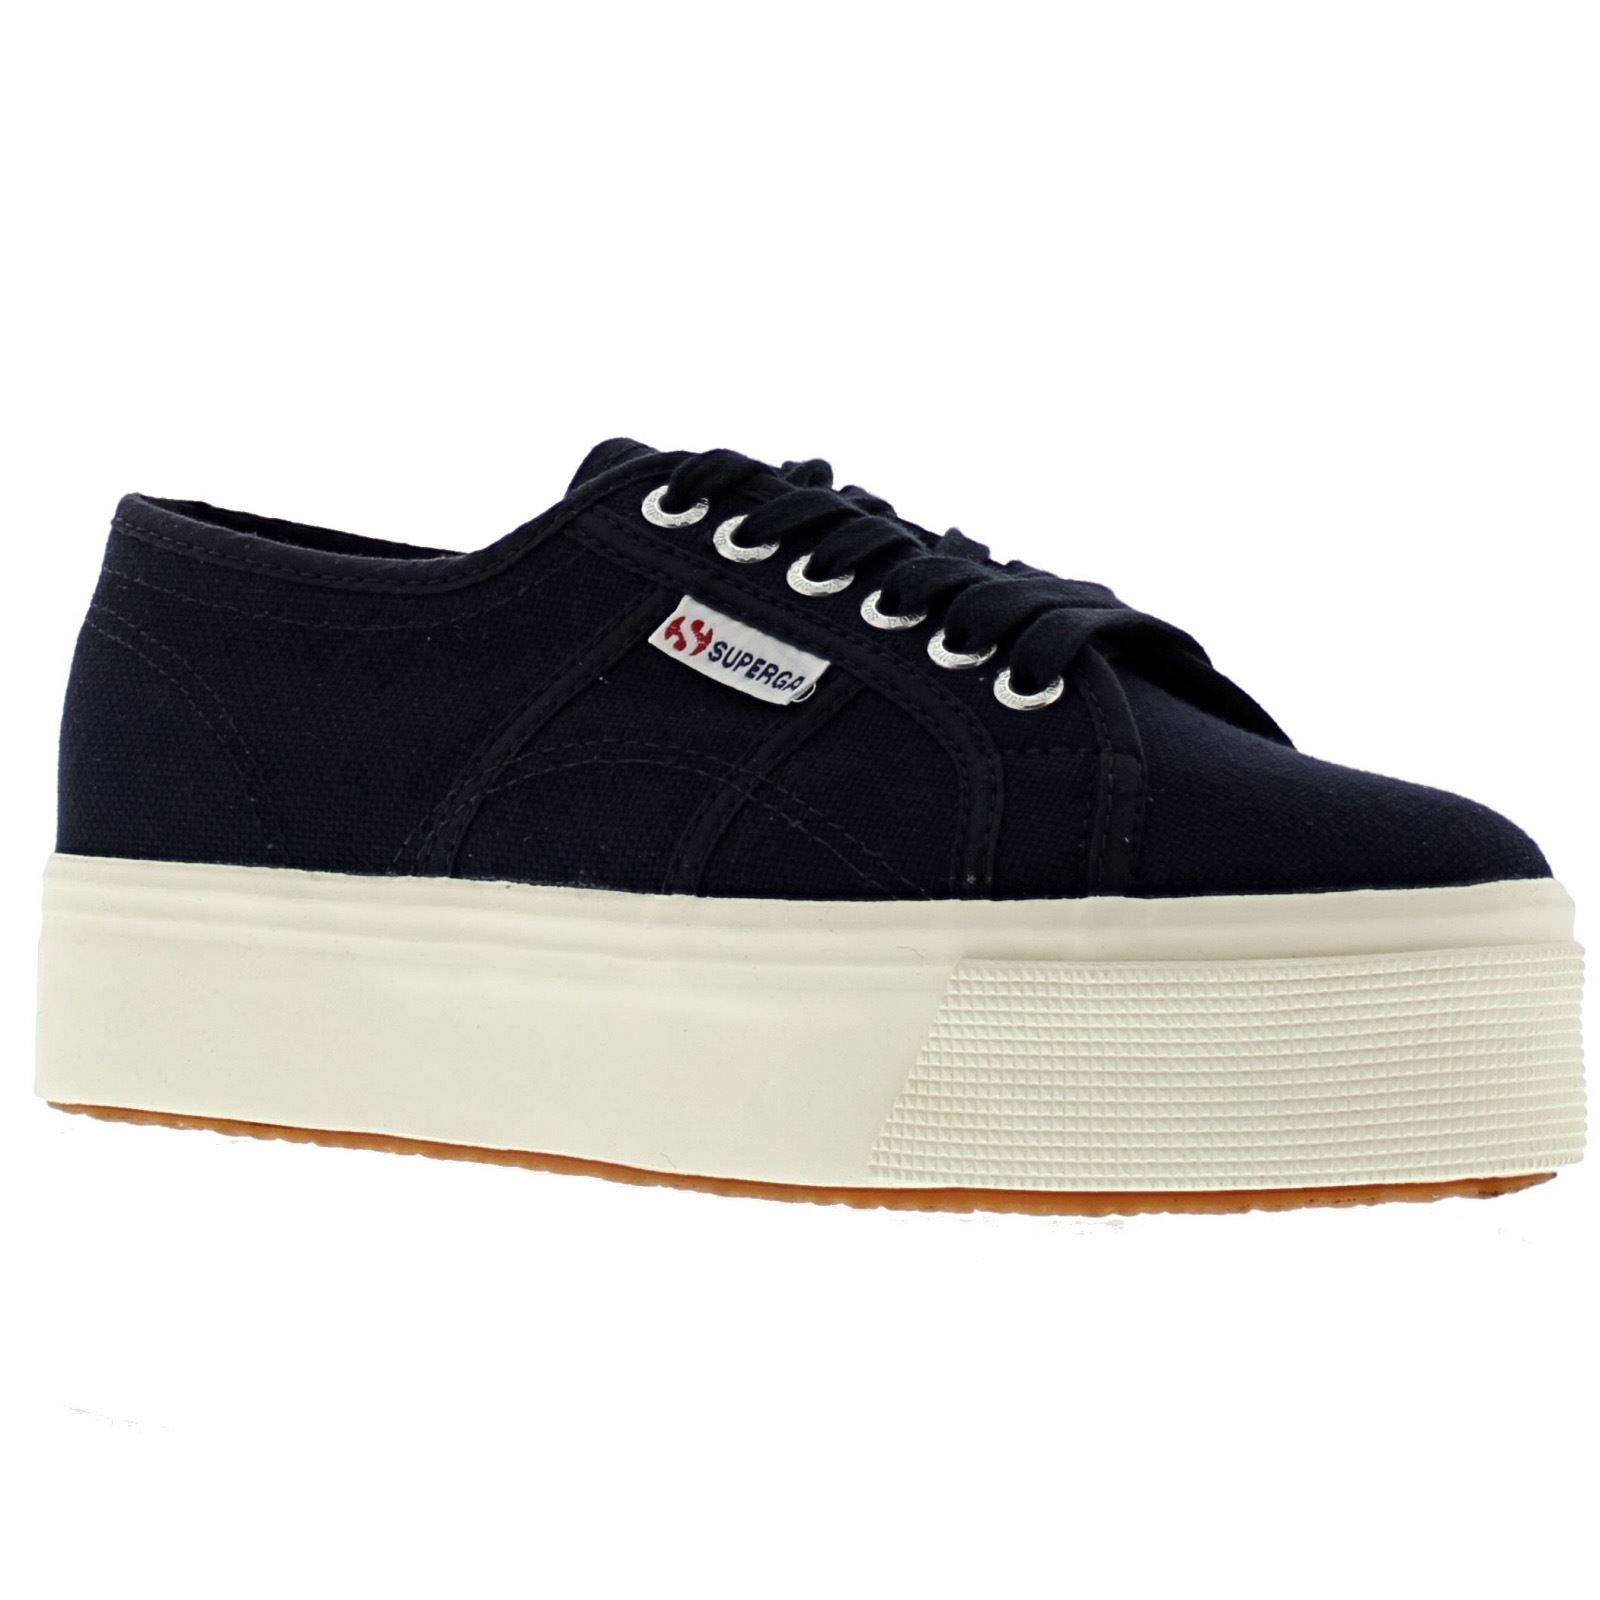 Descuento por tiempo limitado Superga 2790 Acotw Linea Up And Down Navy Womens Shoes